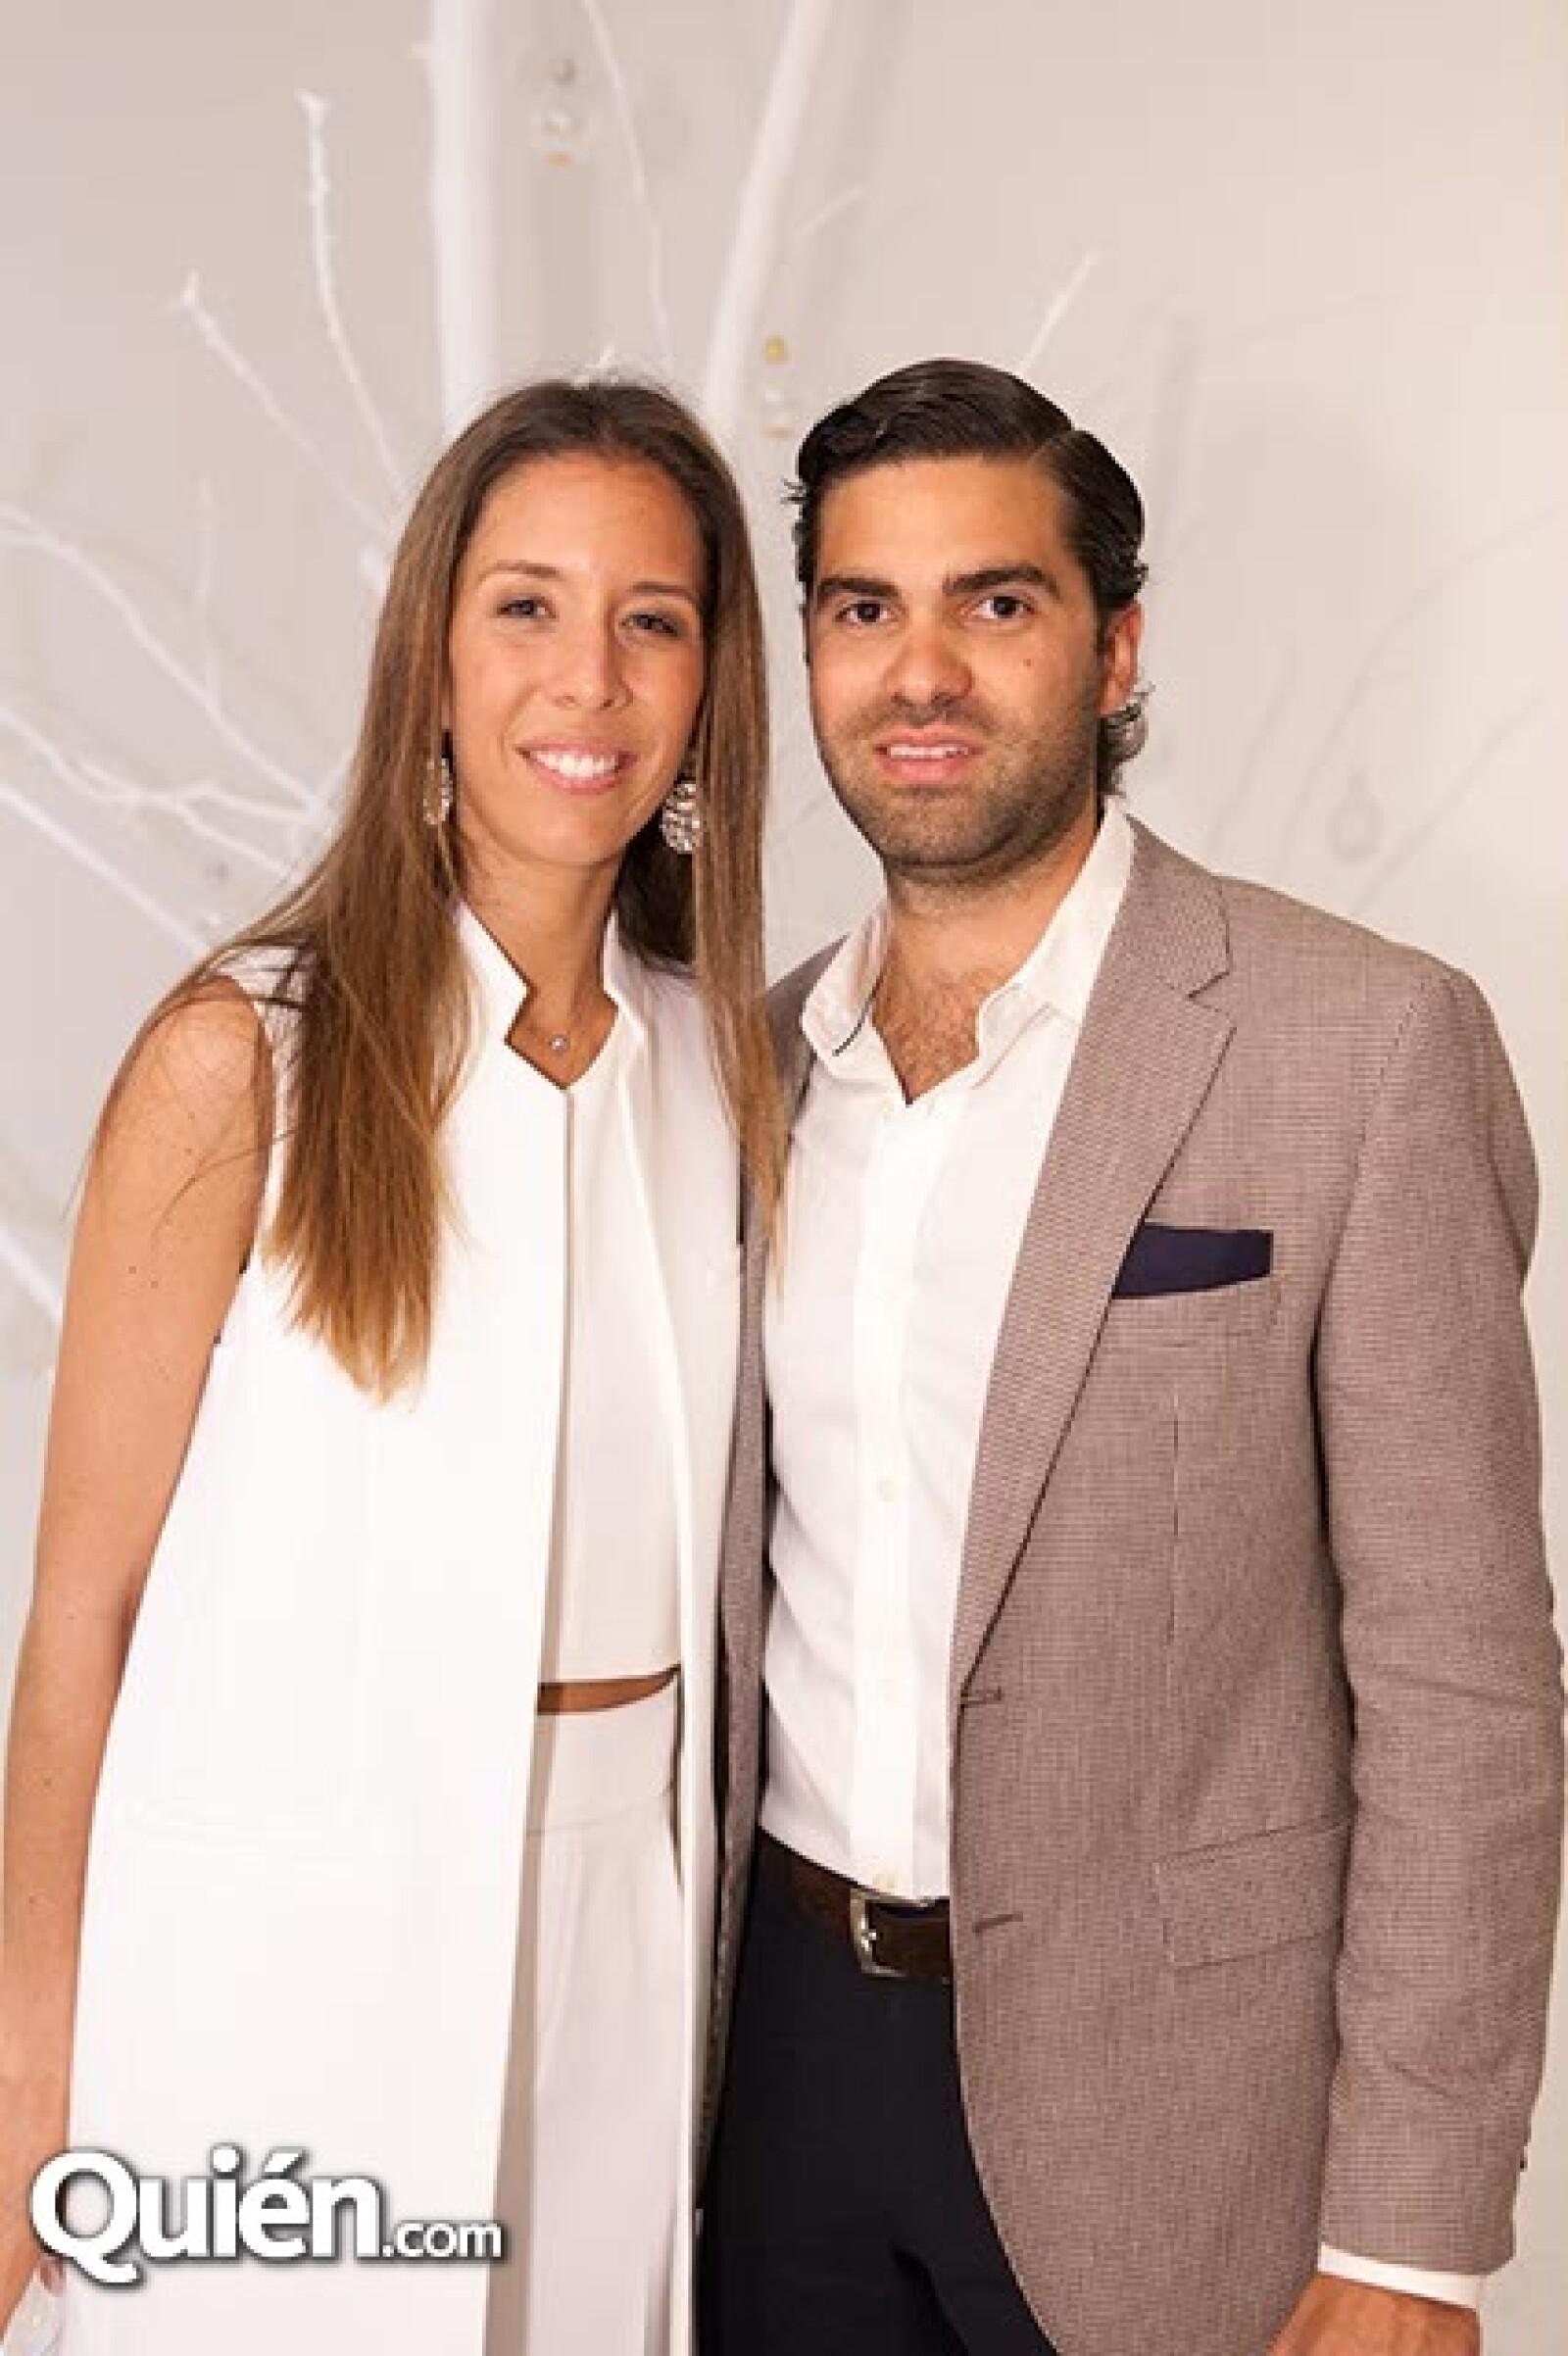 Juana Domenzain Girault y Patricio Chico